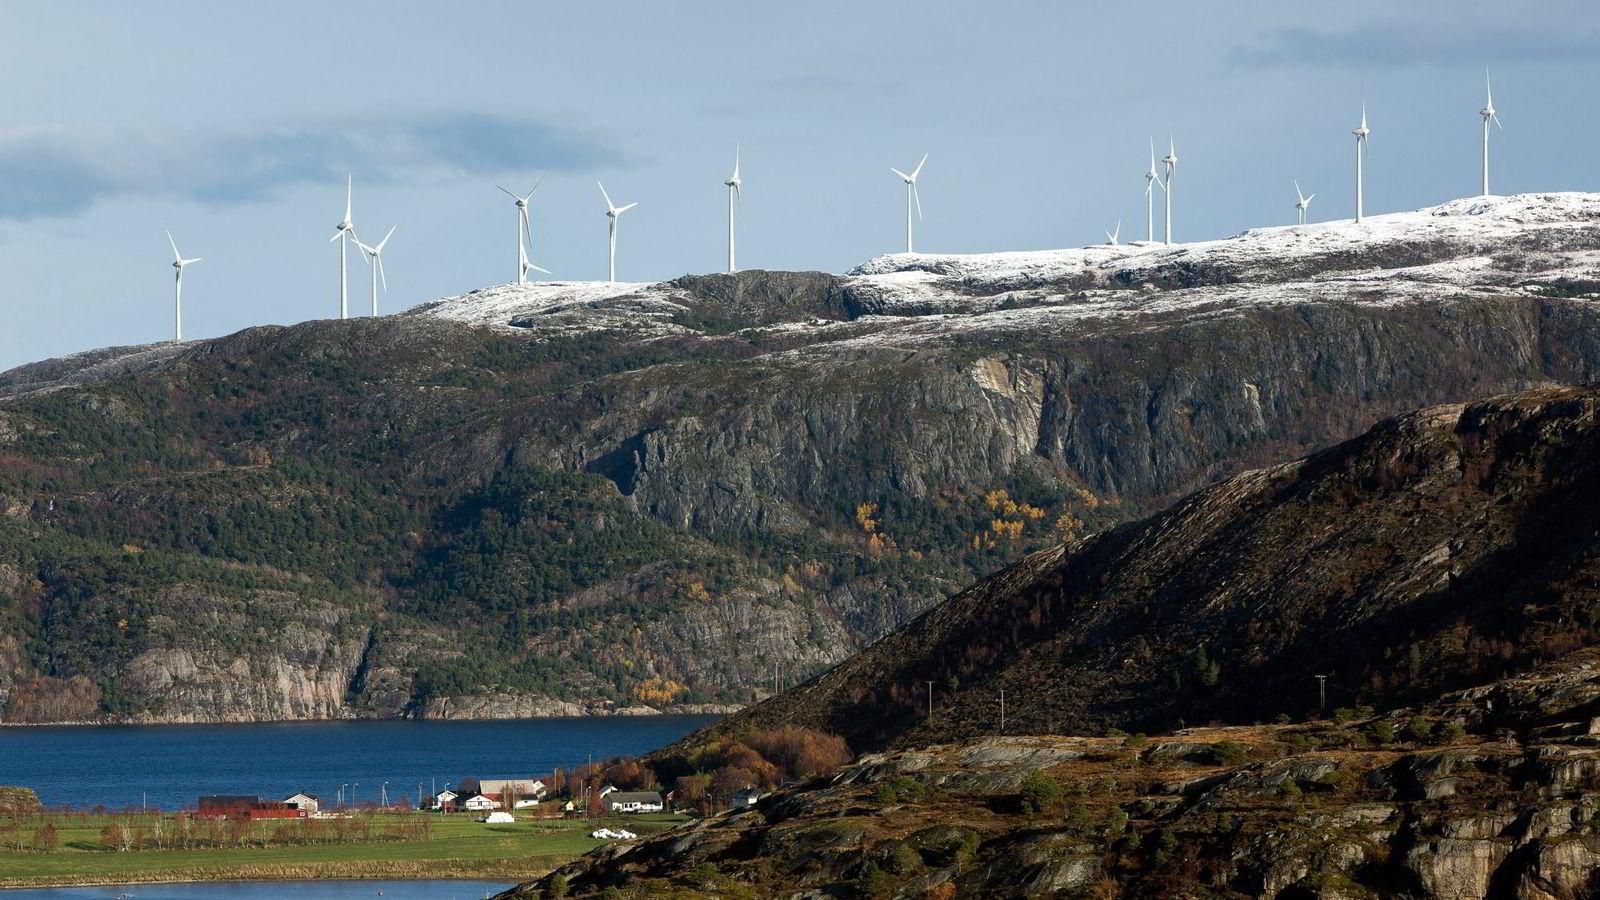 Statkraft med partnere skal bygge Europas største landbaserte vindkraftprosjekt i Midt-Norge. 278 digre vindmøller skal bygges på subsidier. Her fra Roan i Sør-Trøndelag.